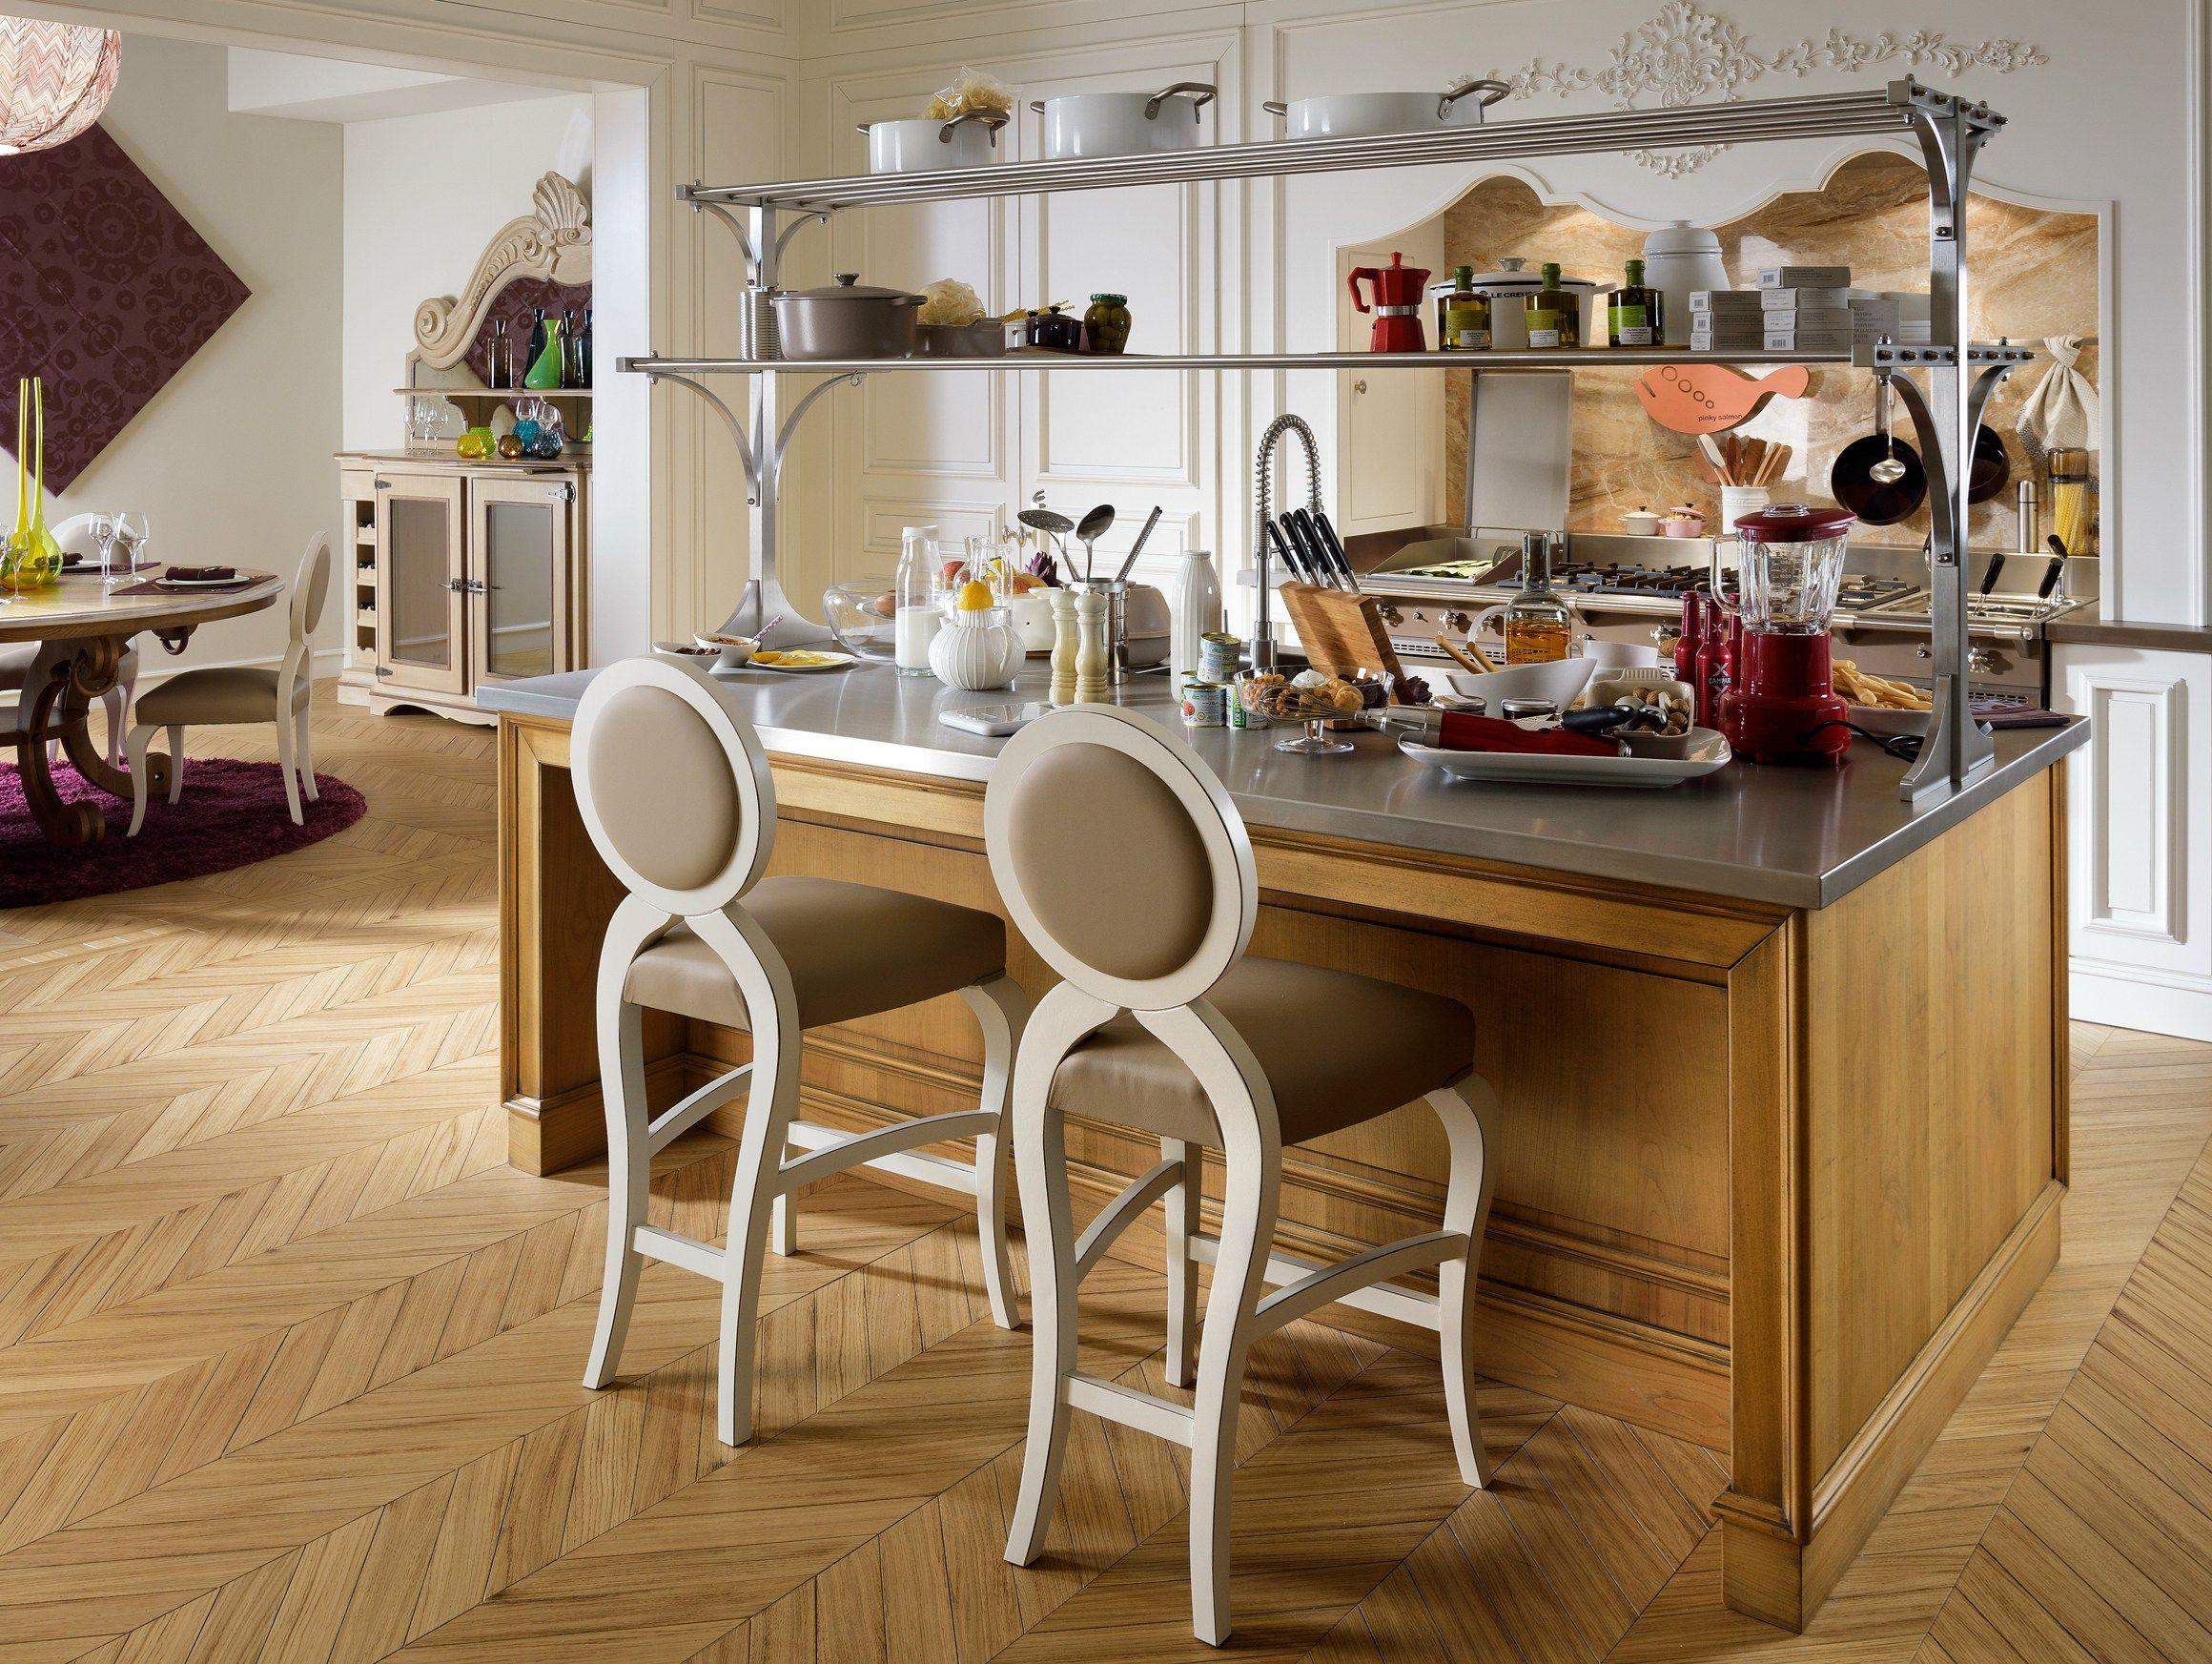 Tavolo e sedie da anninare a cucina ciliegio for Cucina moderna in ciliegio